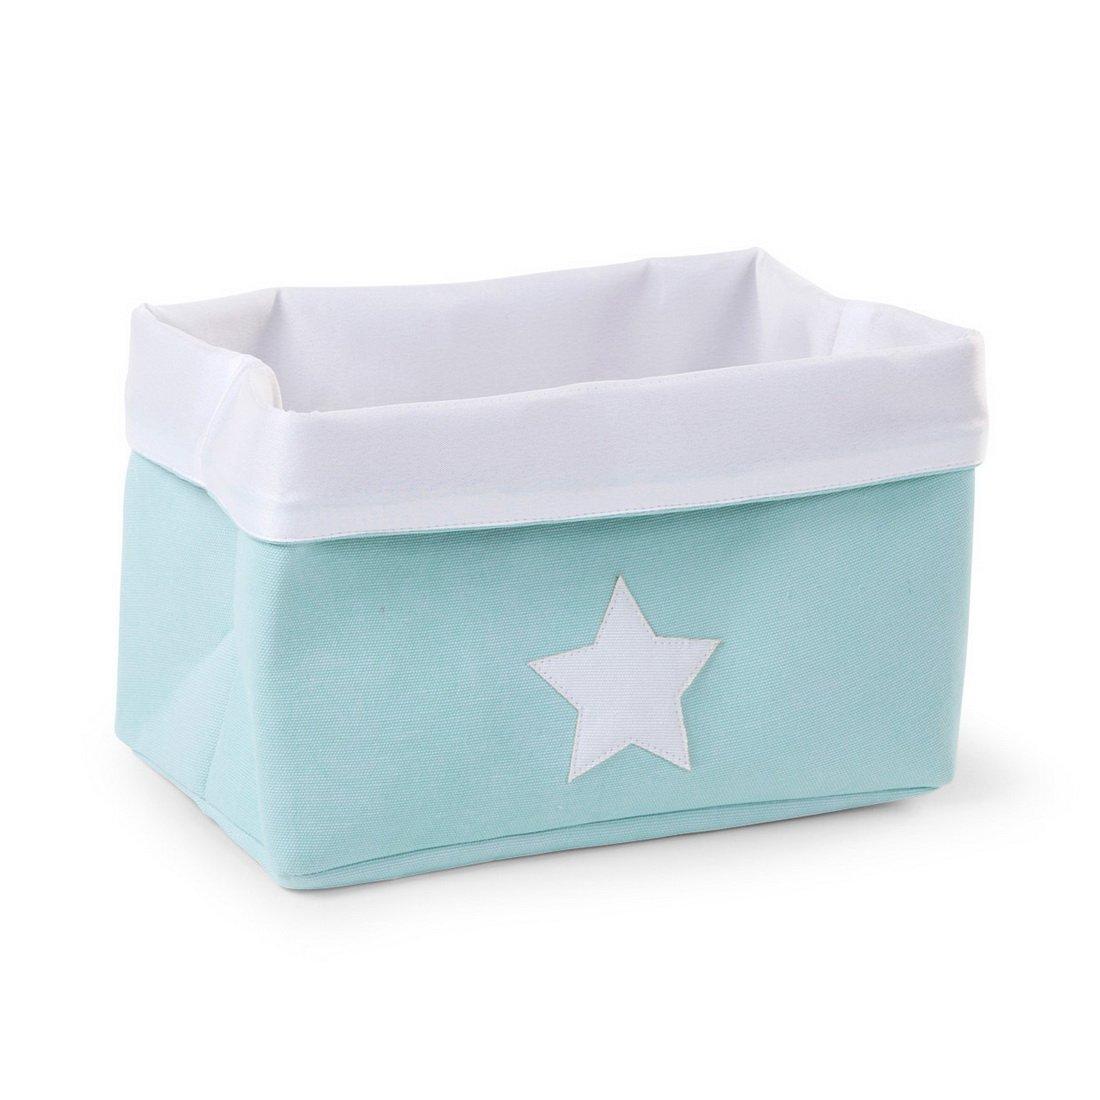 Childhome- Faltbare Aufbewahrungsbox Dekoartikel Kinderzimmer Mit Sternprint, 32X20X20cm, Mint erdbeerloft